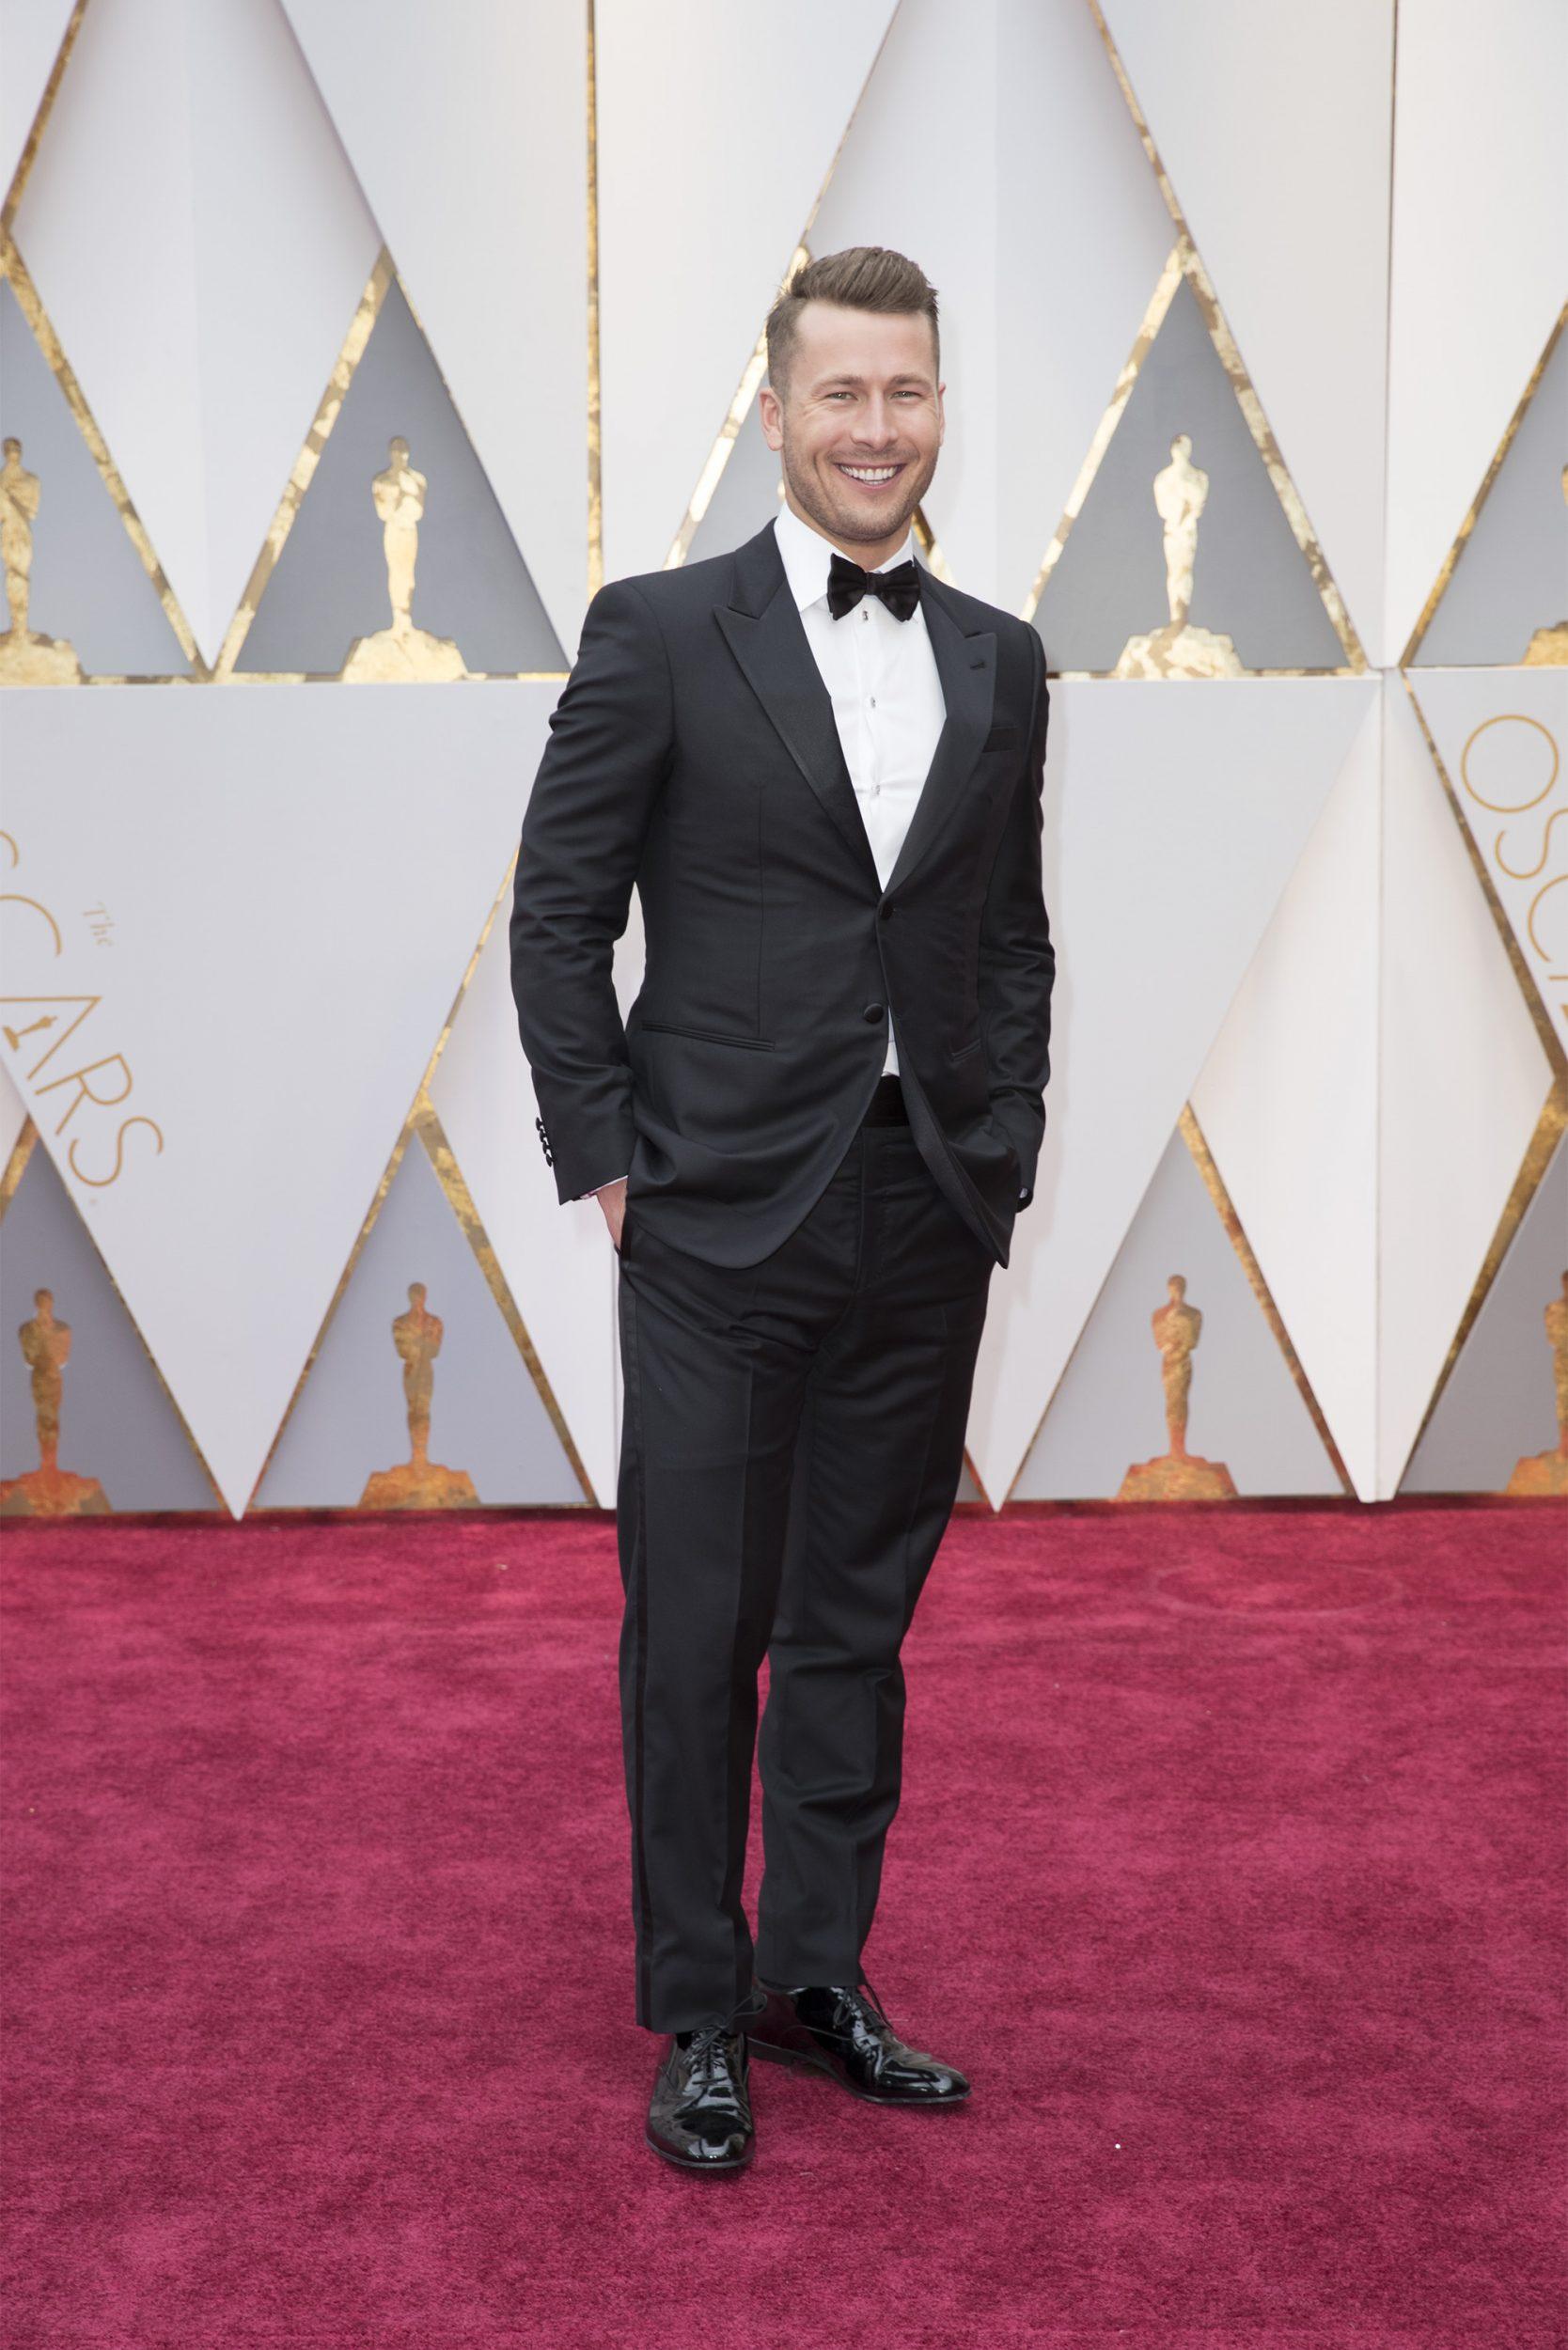 THE OSCARS(r) - The 89th Oscars(r)  broadcasts live on Oscar(r) SUNDAY, FEBRUARY 26, 2017, on the ABC Television Network. (ABC/Tyler Golden) GLEN POWELL